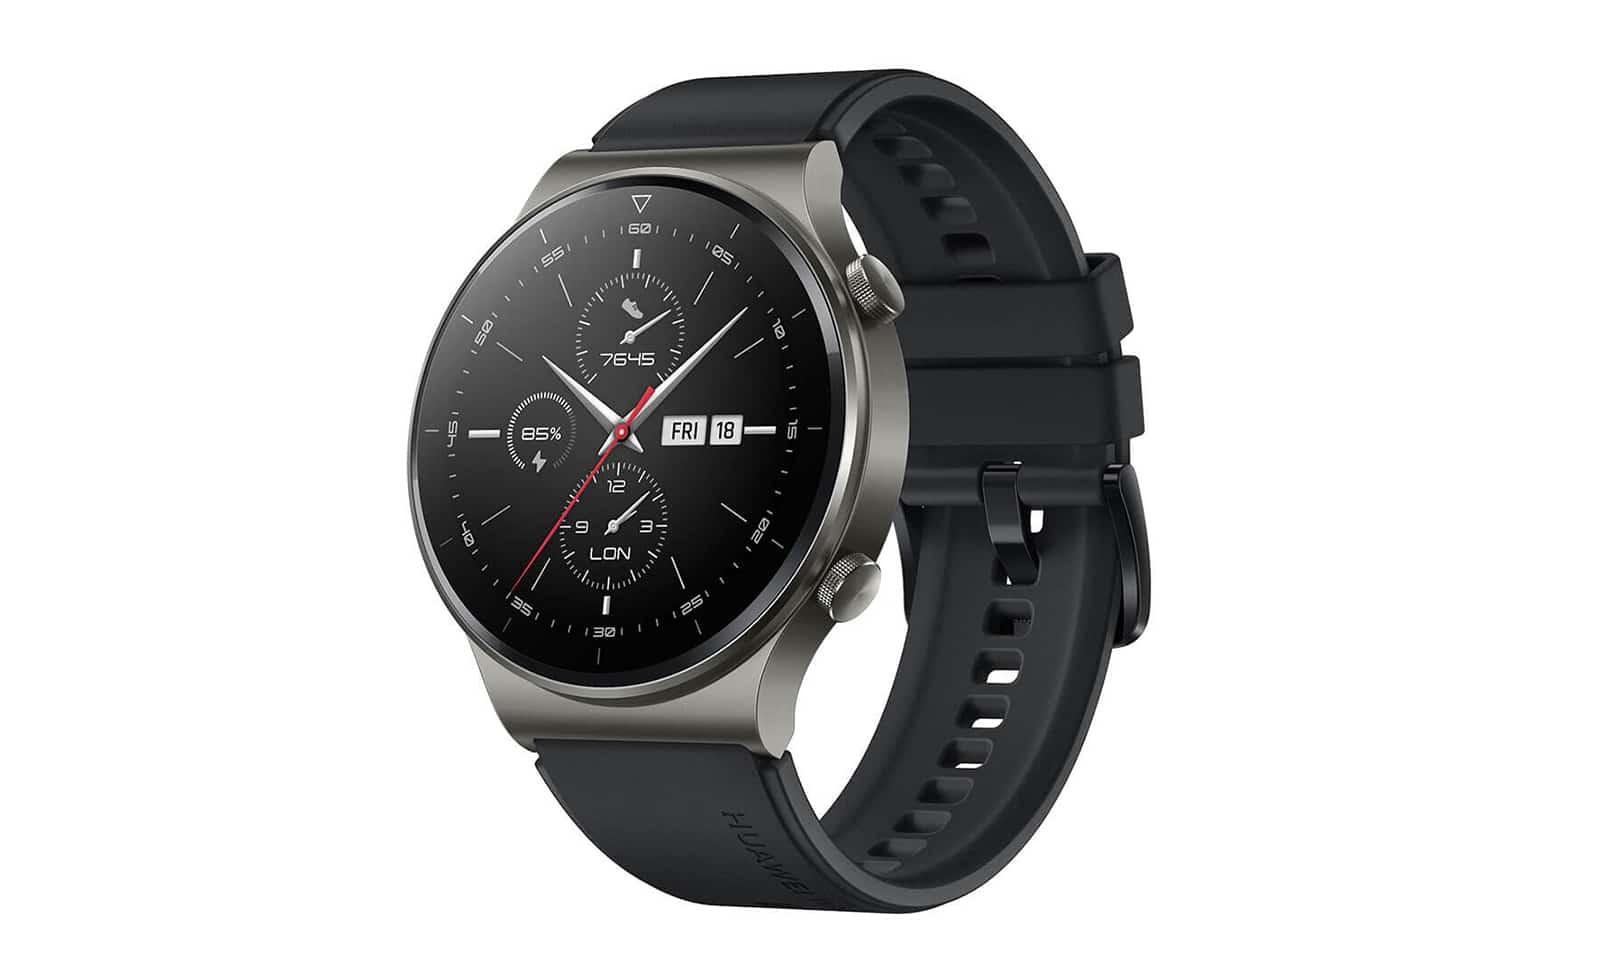 nouvelles gammes de smartwatches Huawei